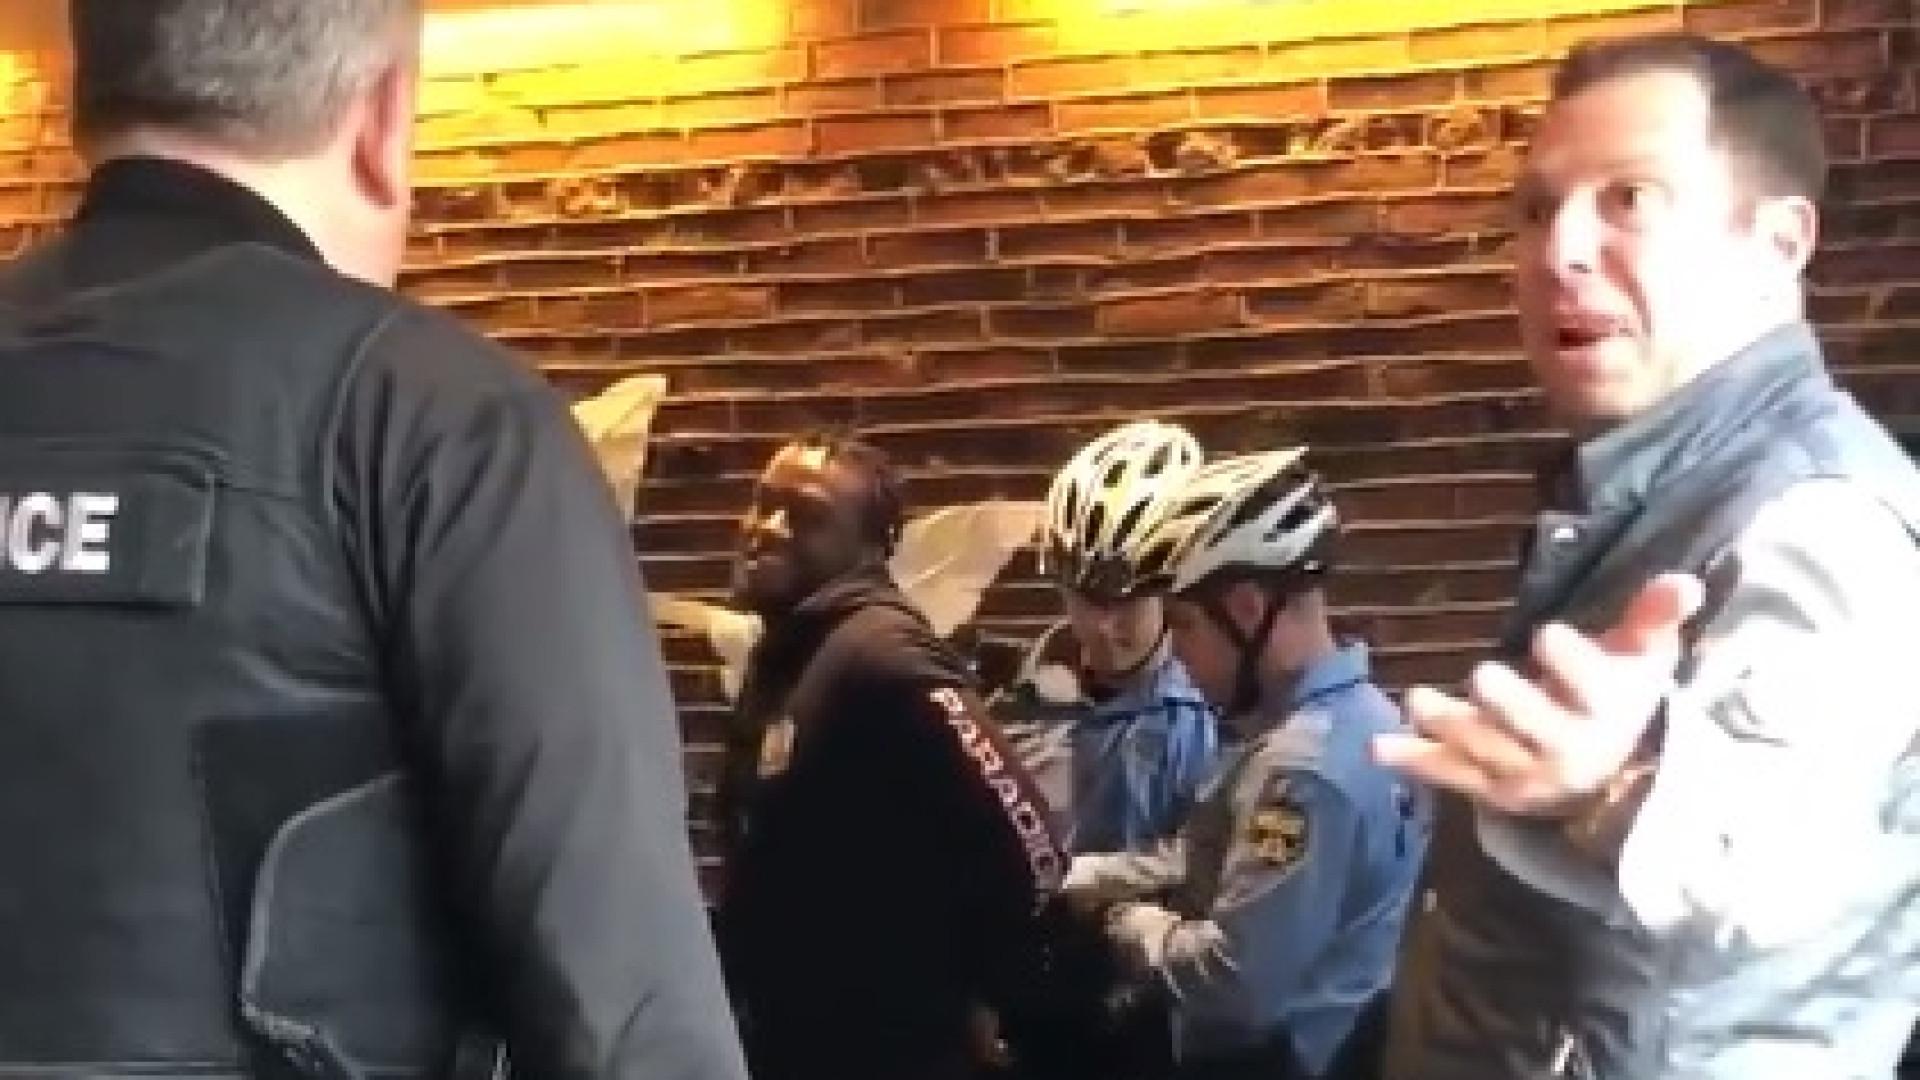 Foram presos porque não pediram nada no Starbucks